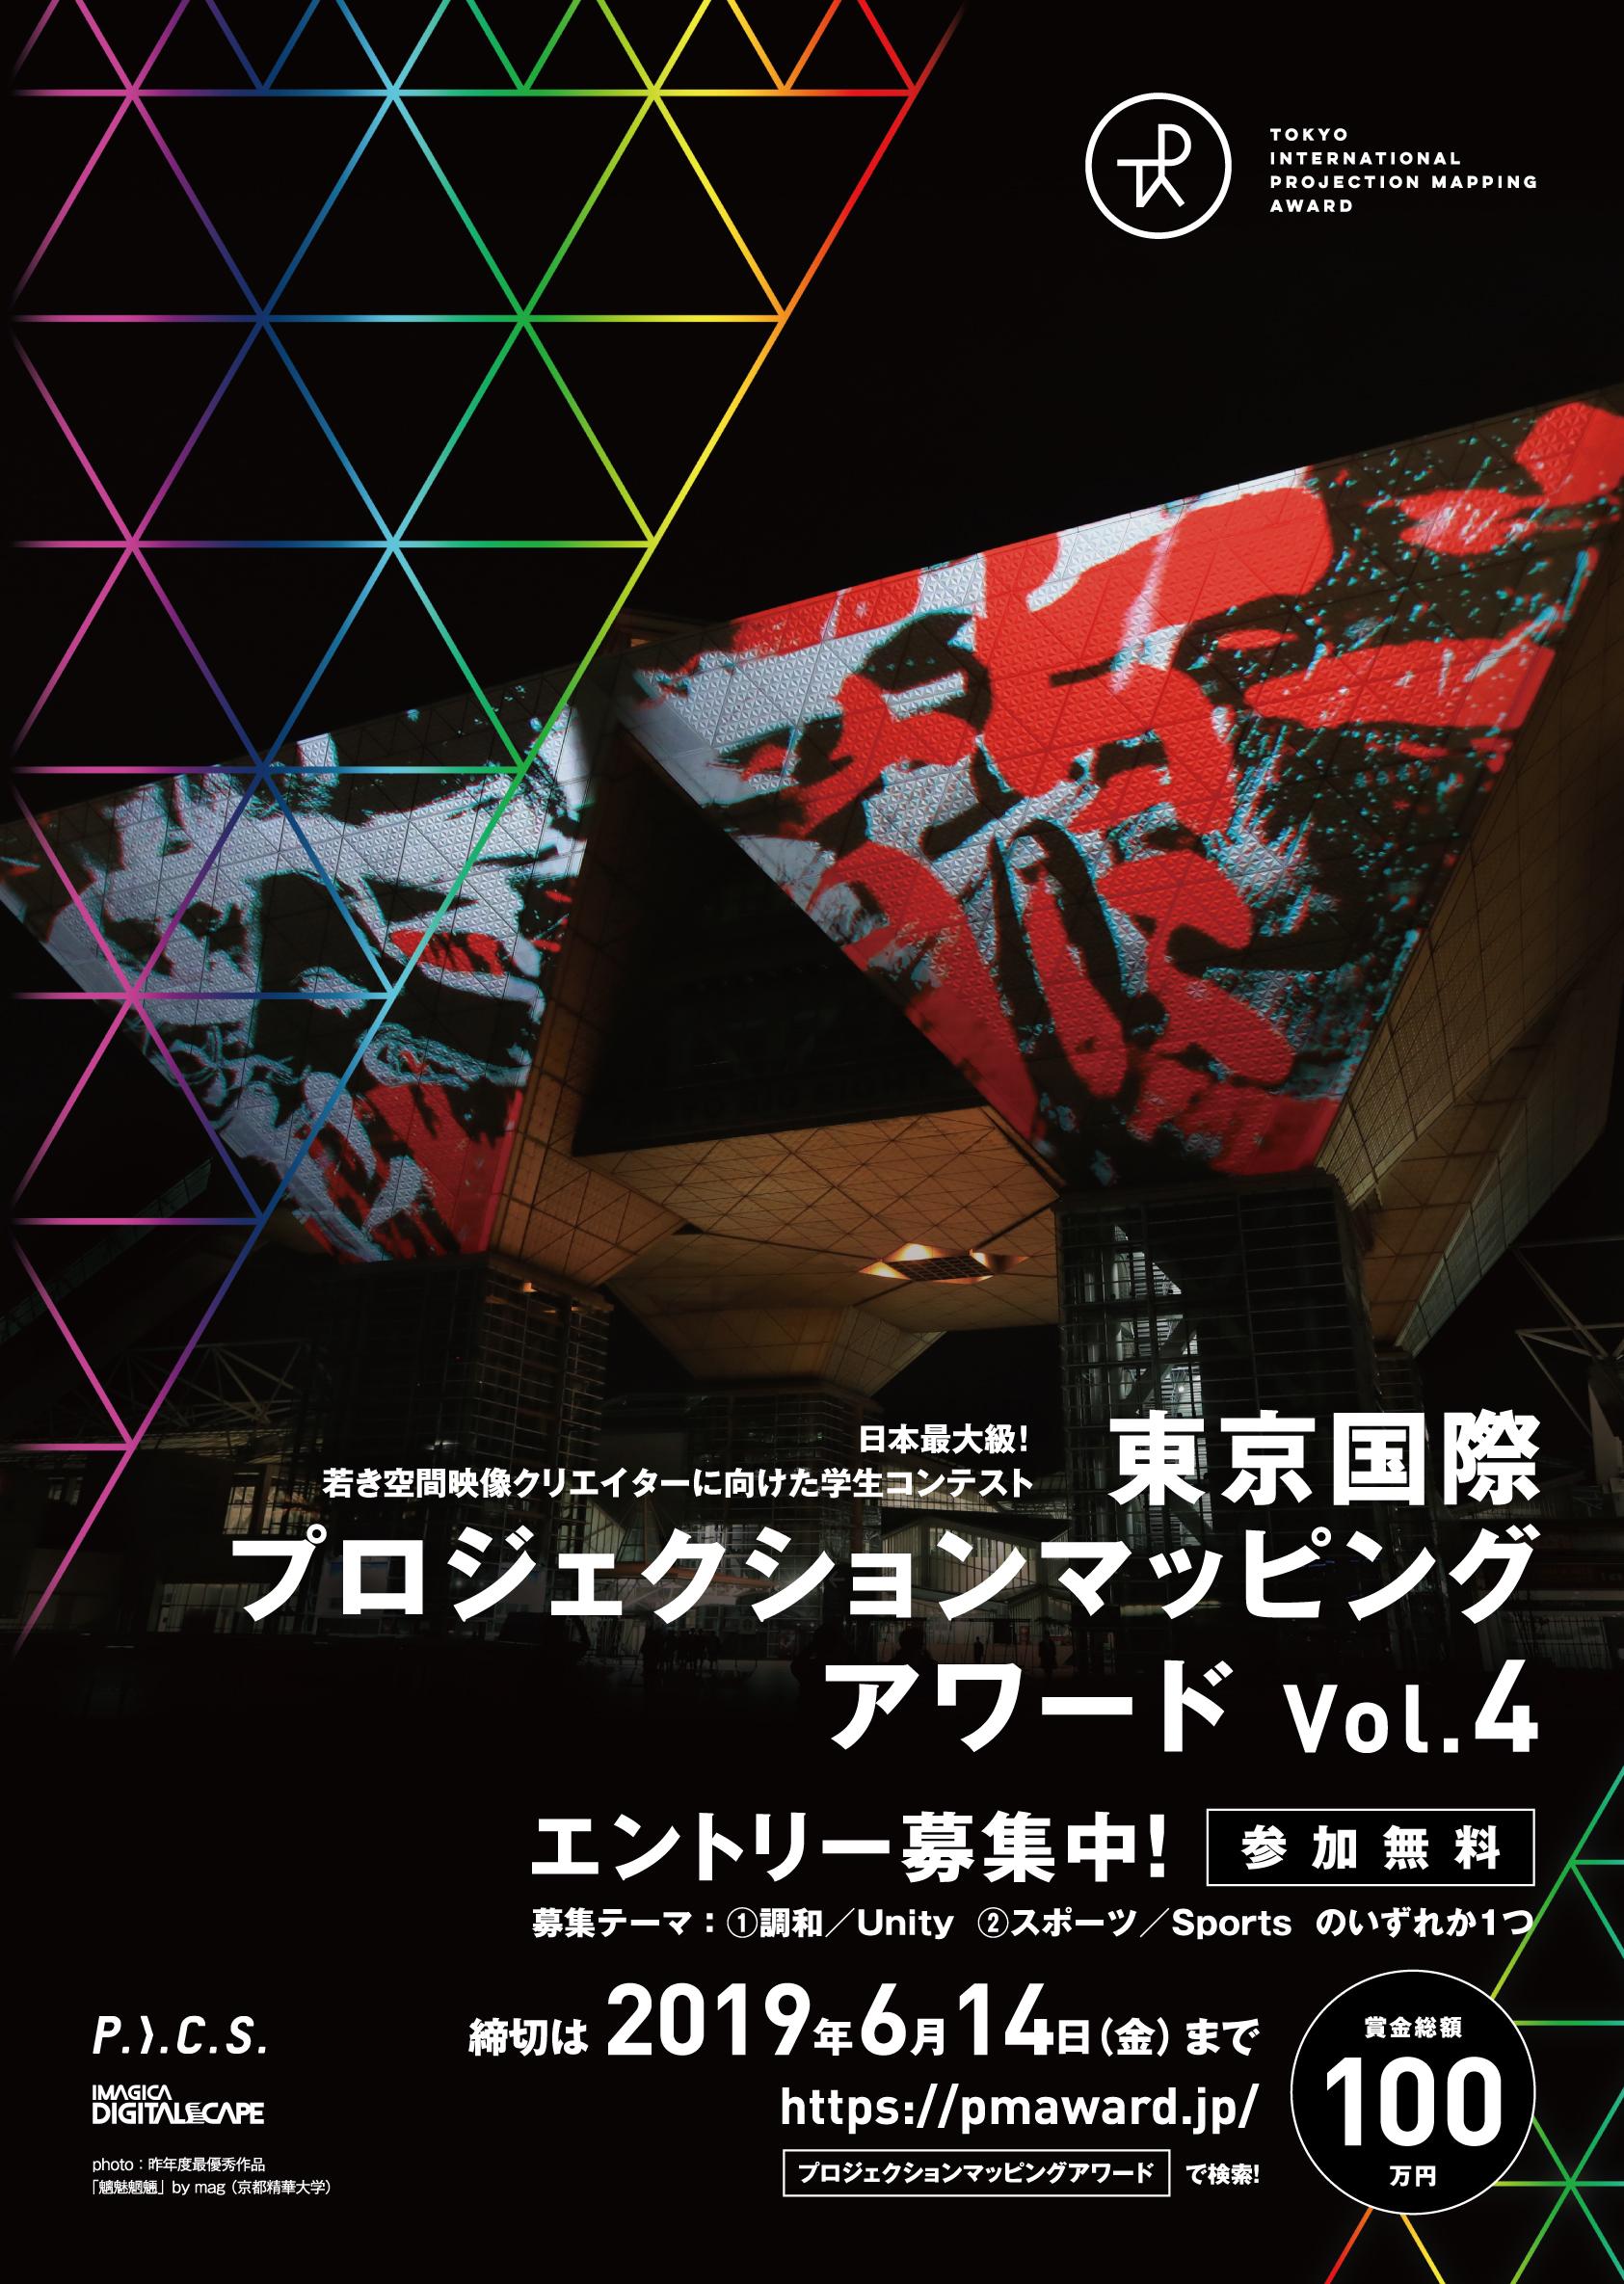 東京国際プロジェクションマッピングアワード Vol.4